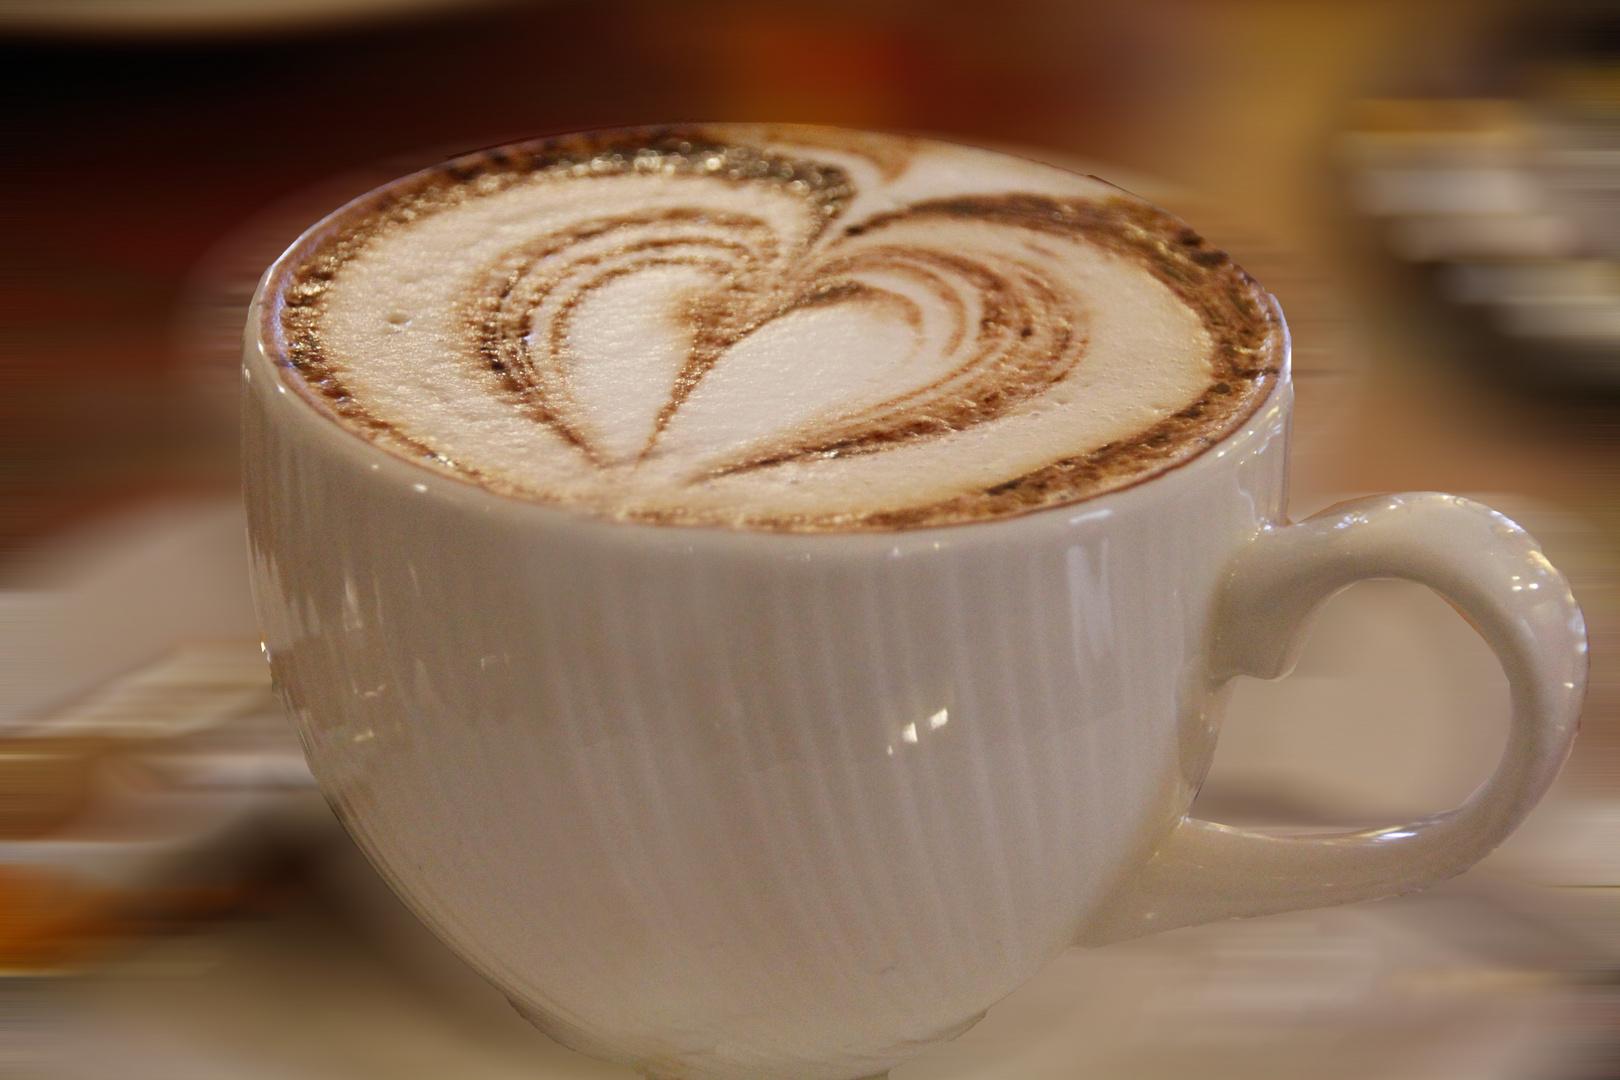 faster cappuccino